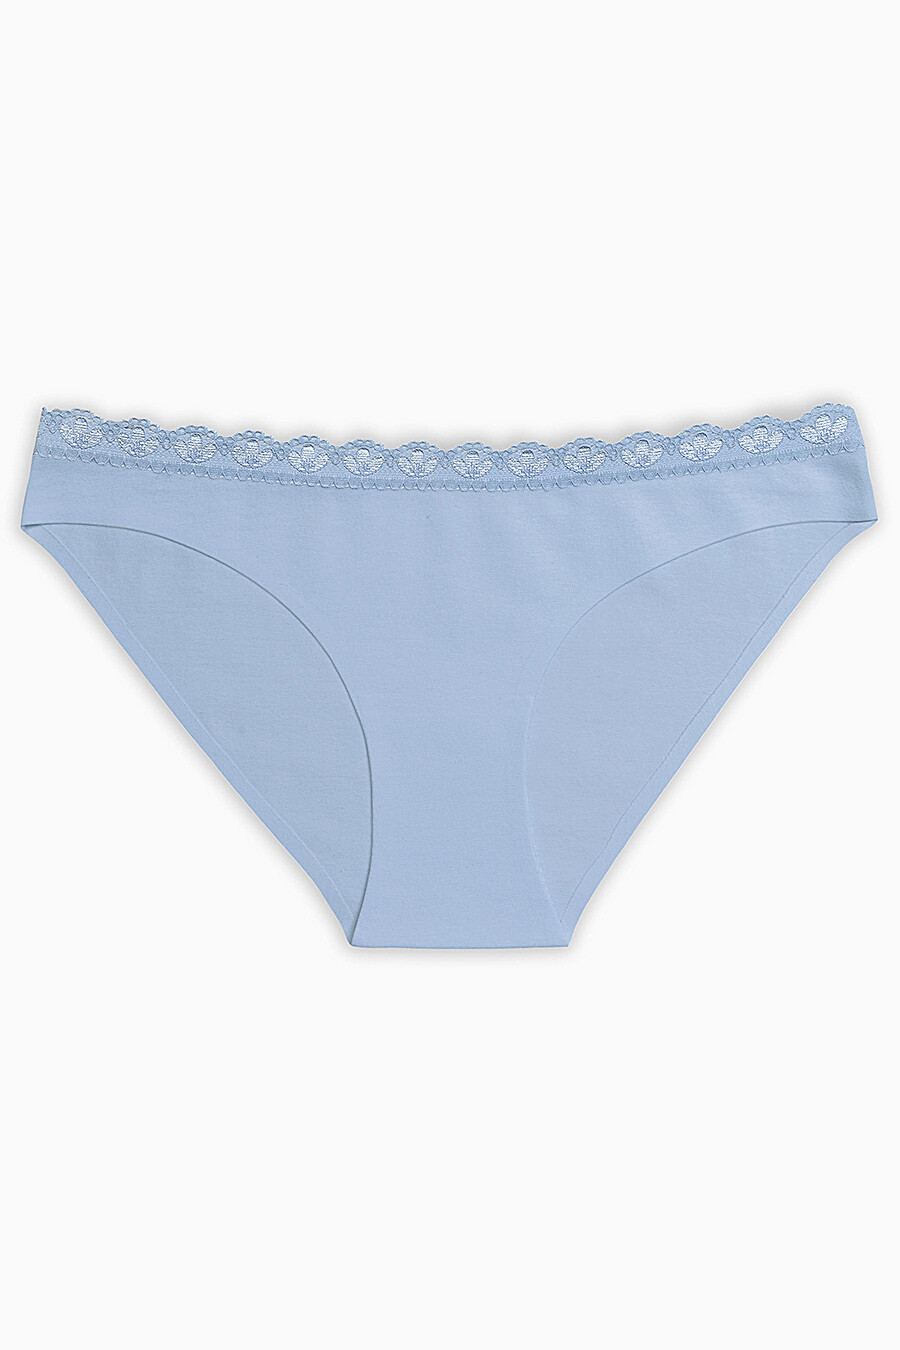 Трусы для женщин PELICAN 146444 купить оптом от производителя. Совместная покупка женской одежды в OptMoyo